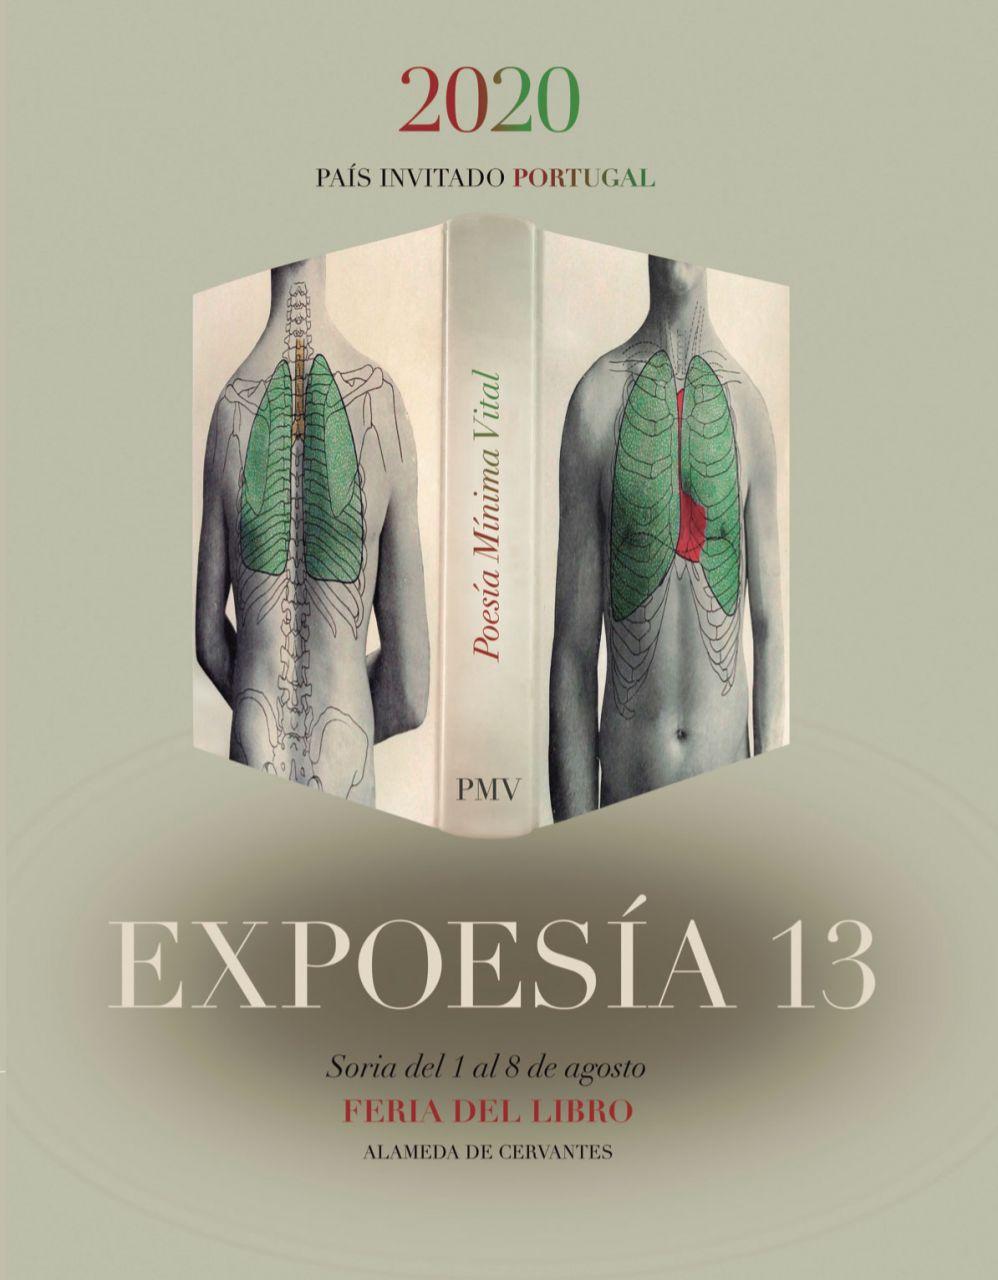 Expoesia 13